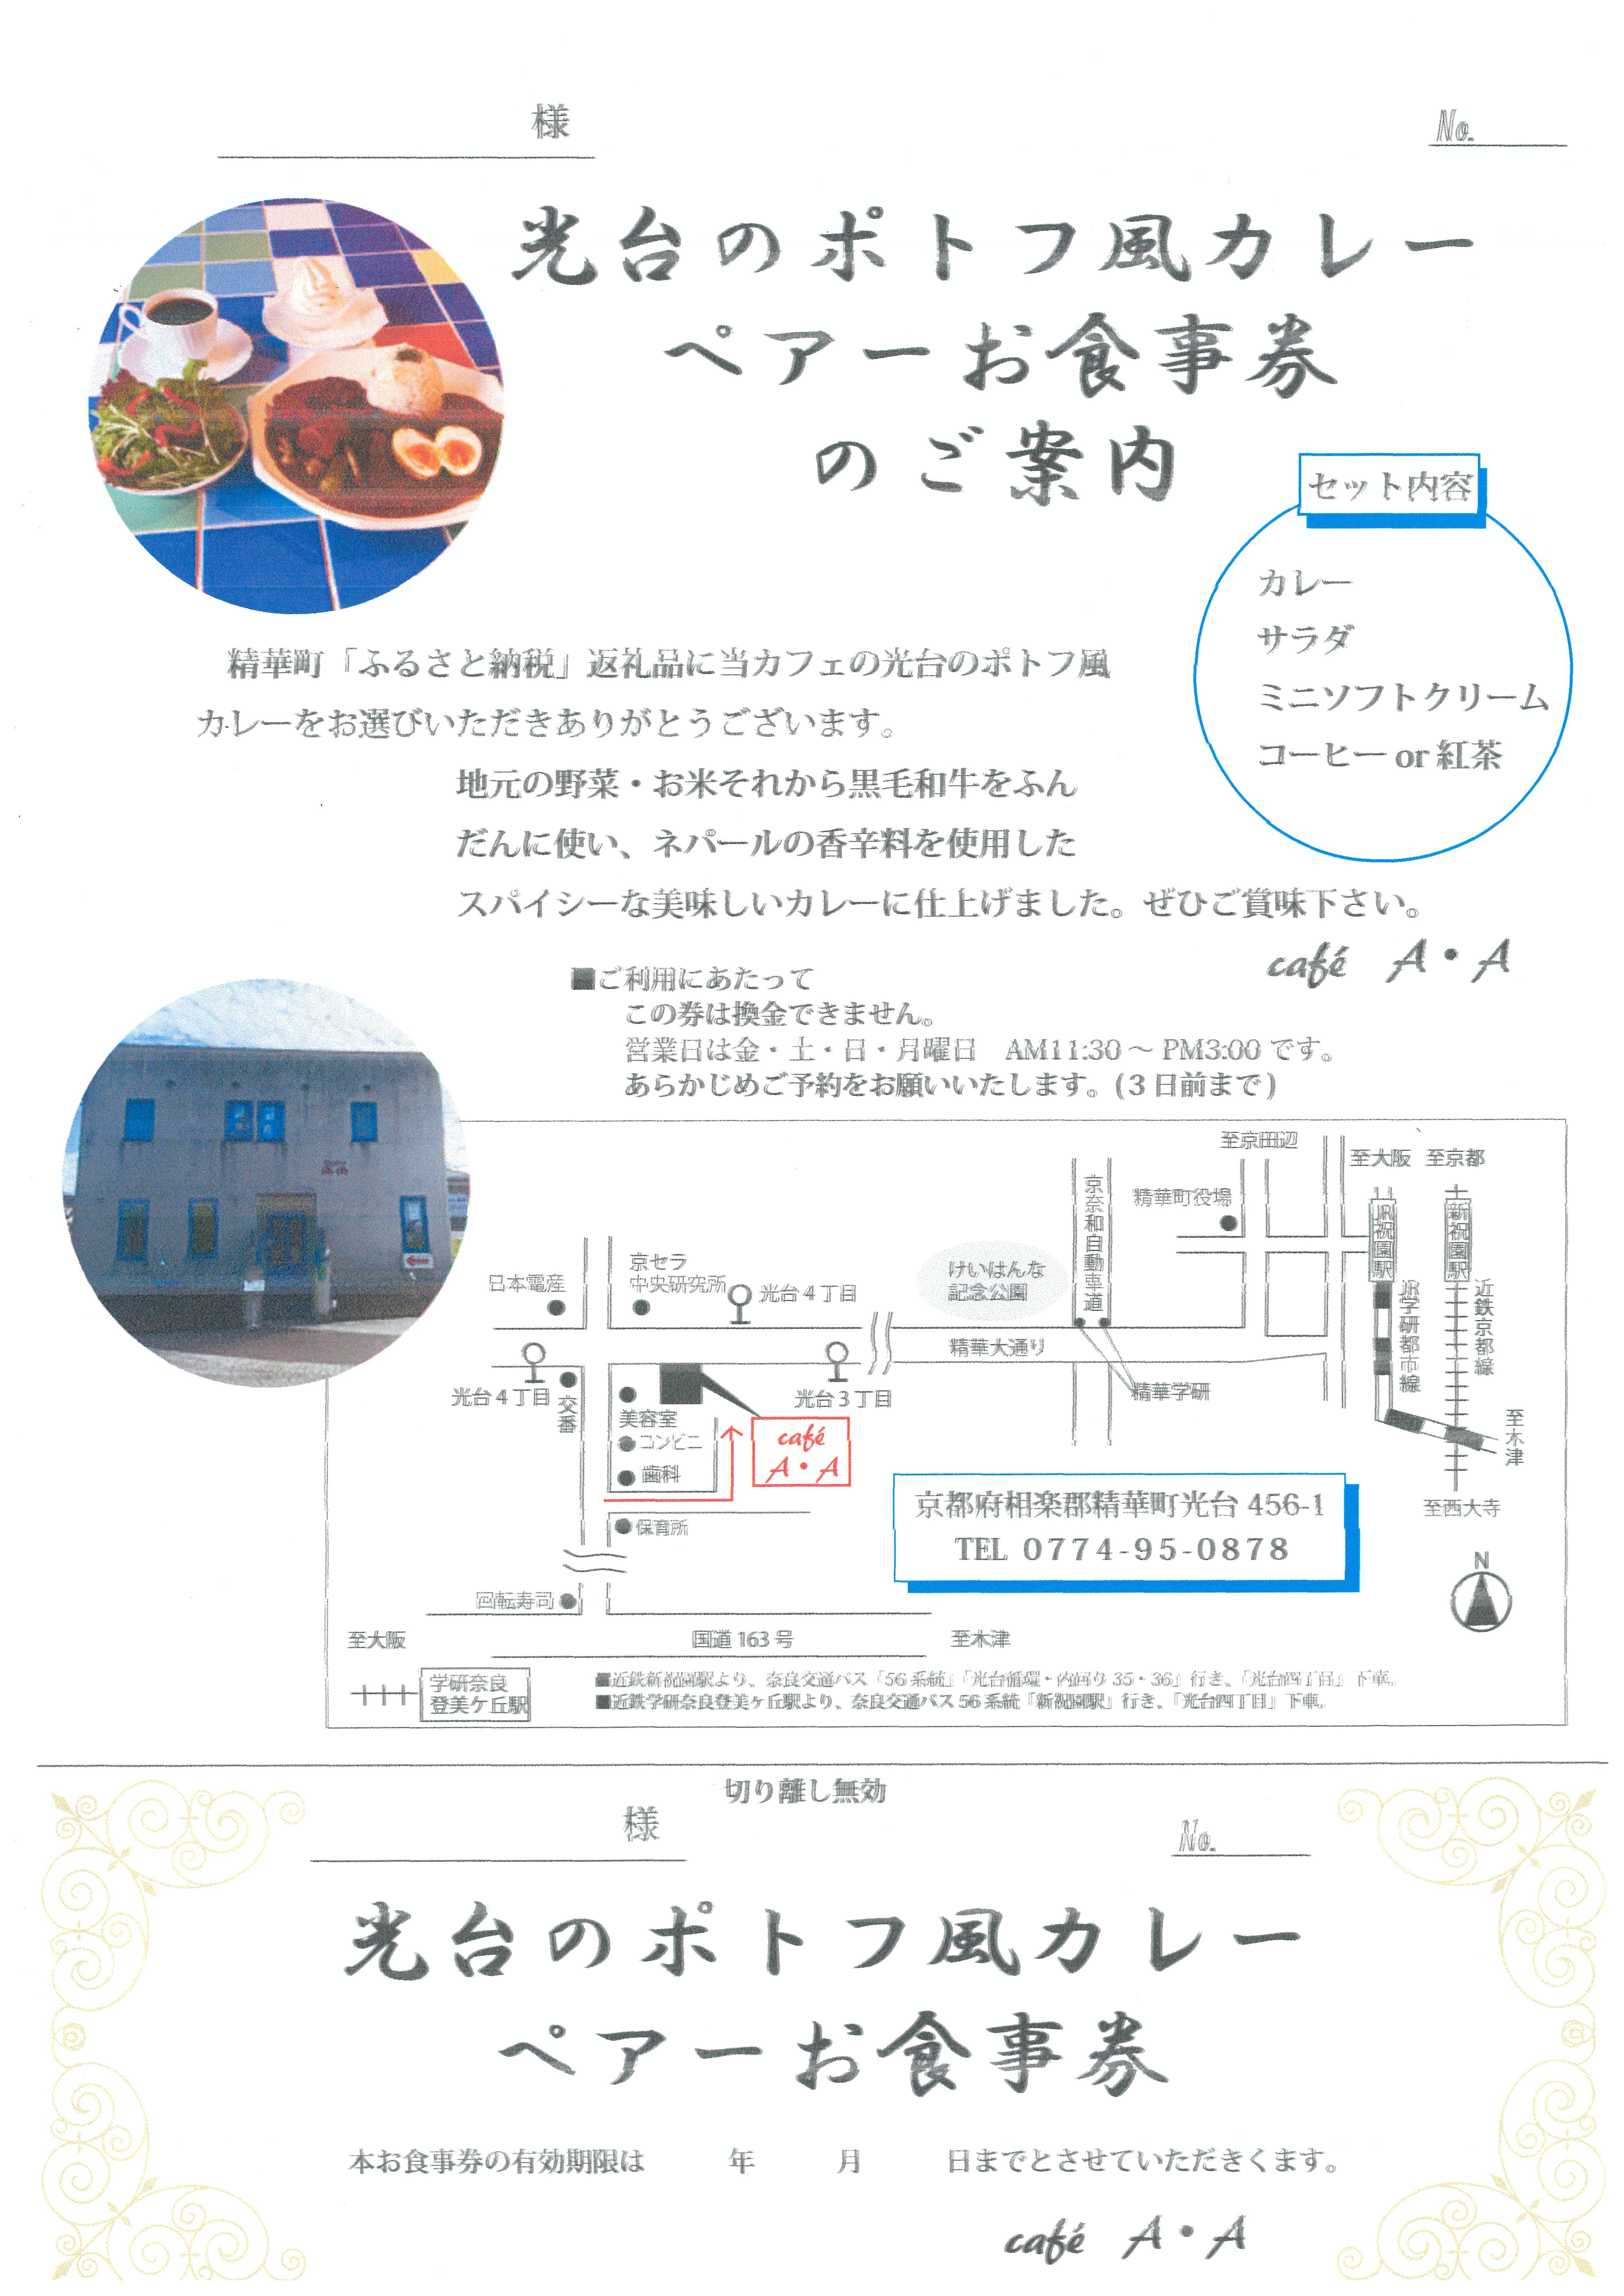 光台のポトフ風カレーお食事券(ペアセット)